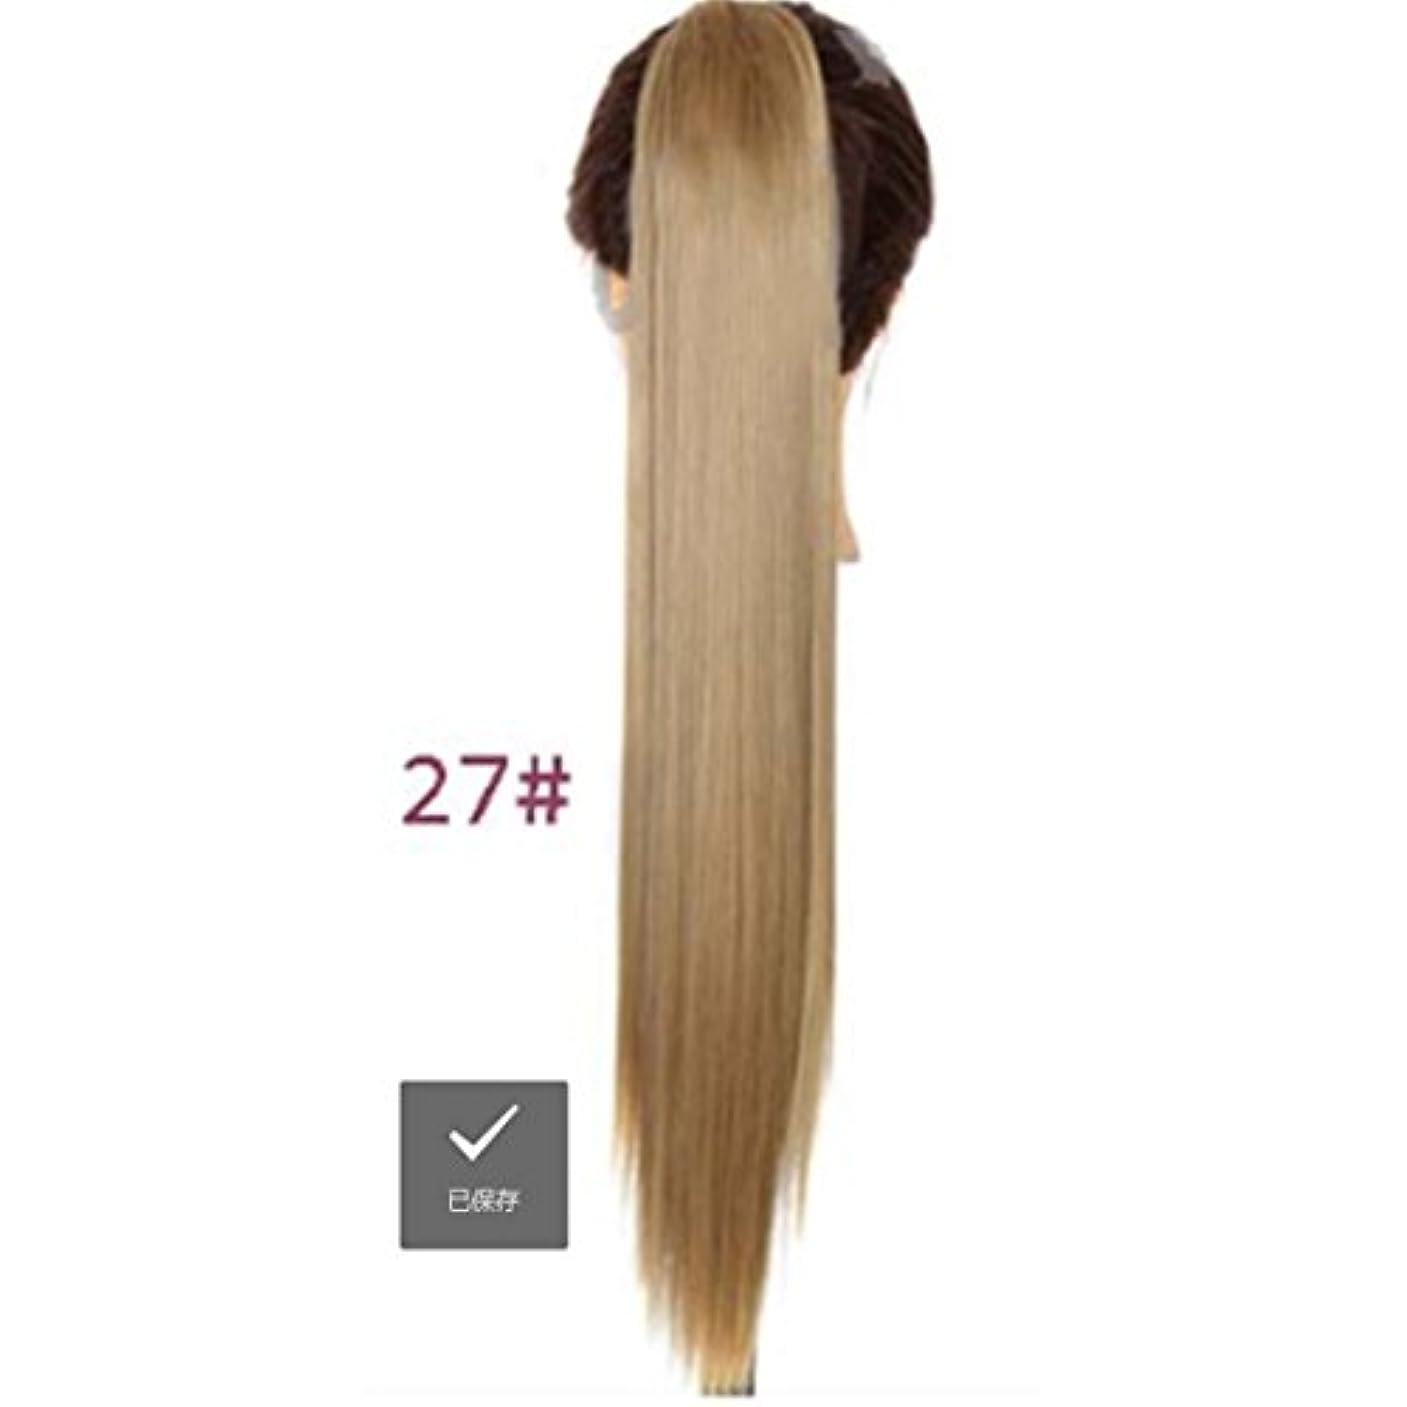 グリーンランド新聞時代遅れJIANFU 女性のための24inch / 150g合成高温ヘアピースの長さストレートポニーテール爪クリップロングストレートヘアエクステンション (Color : 27#)